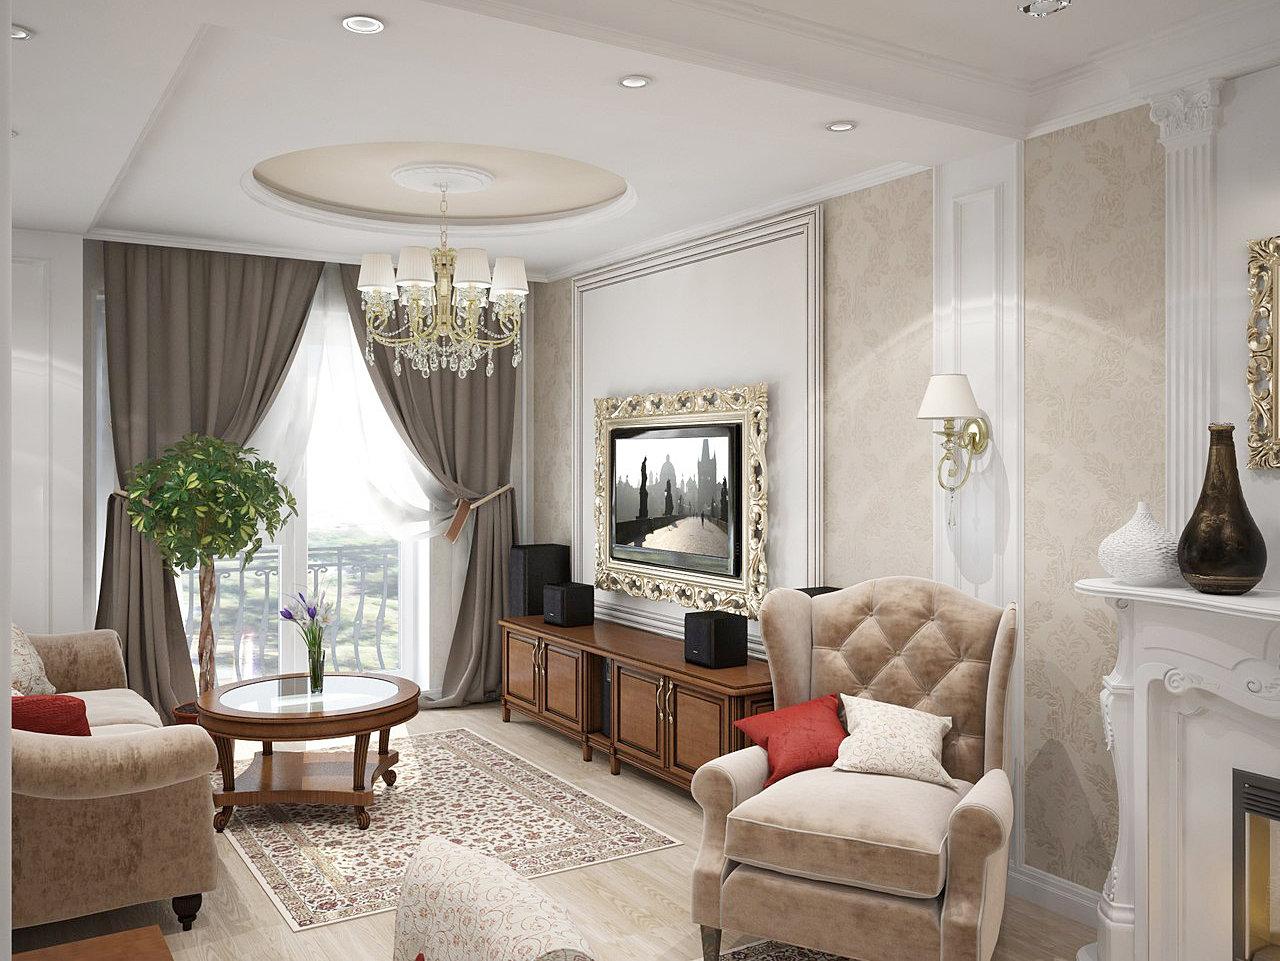 Дизайн интерьера гостиной комнаты в классическом стиле фото